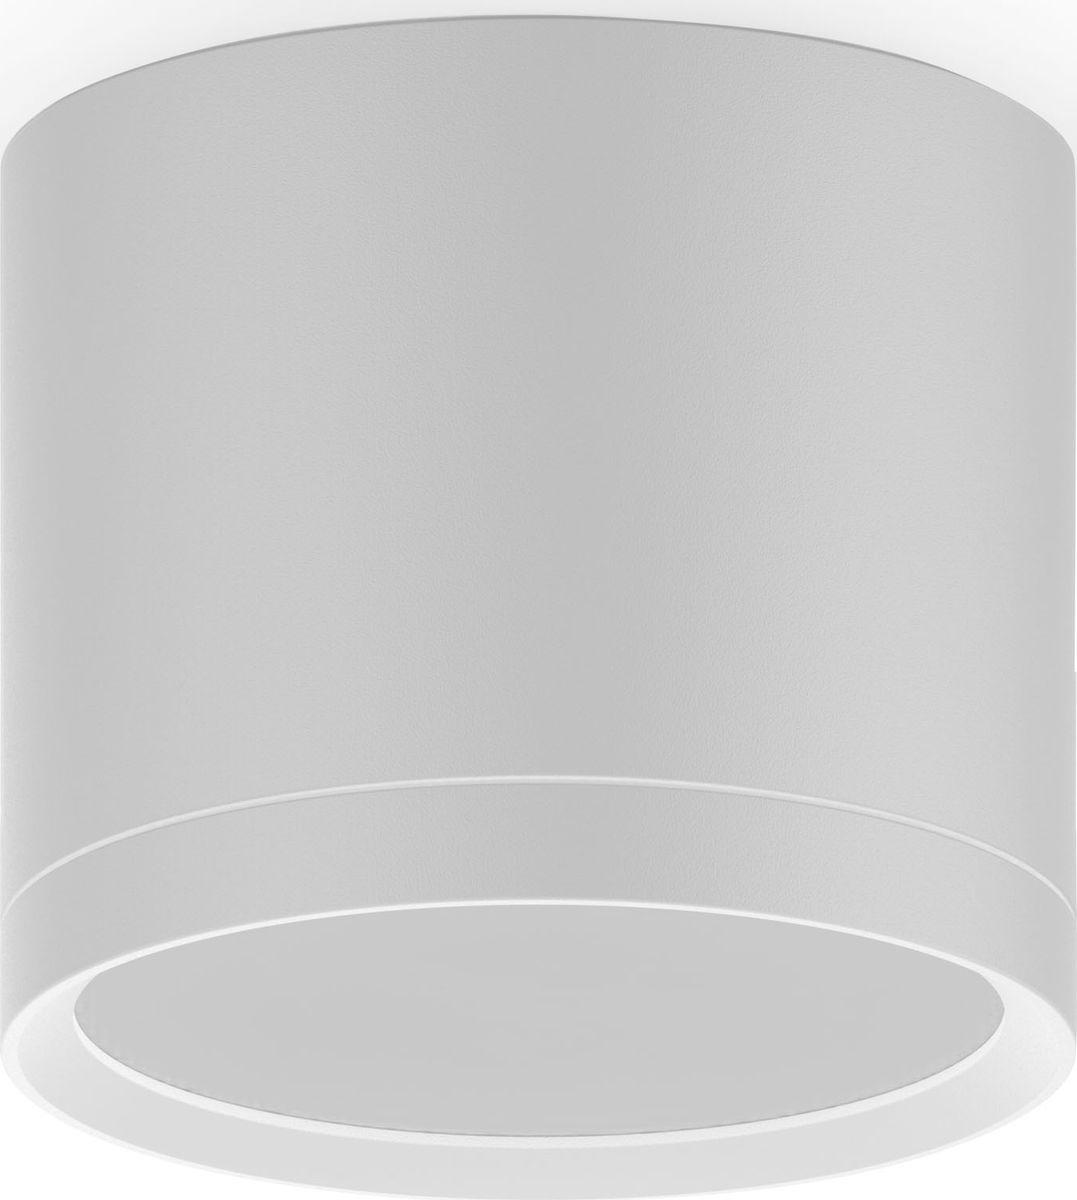 Накладной светильник Gauss LED с рассеивателем 10W, 4100K, 720Лм, 1/30, 10 Вт светильники для сада led